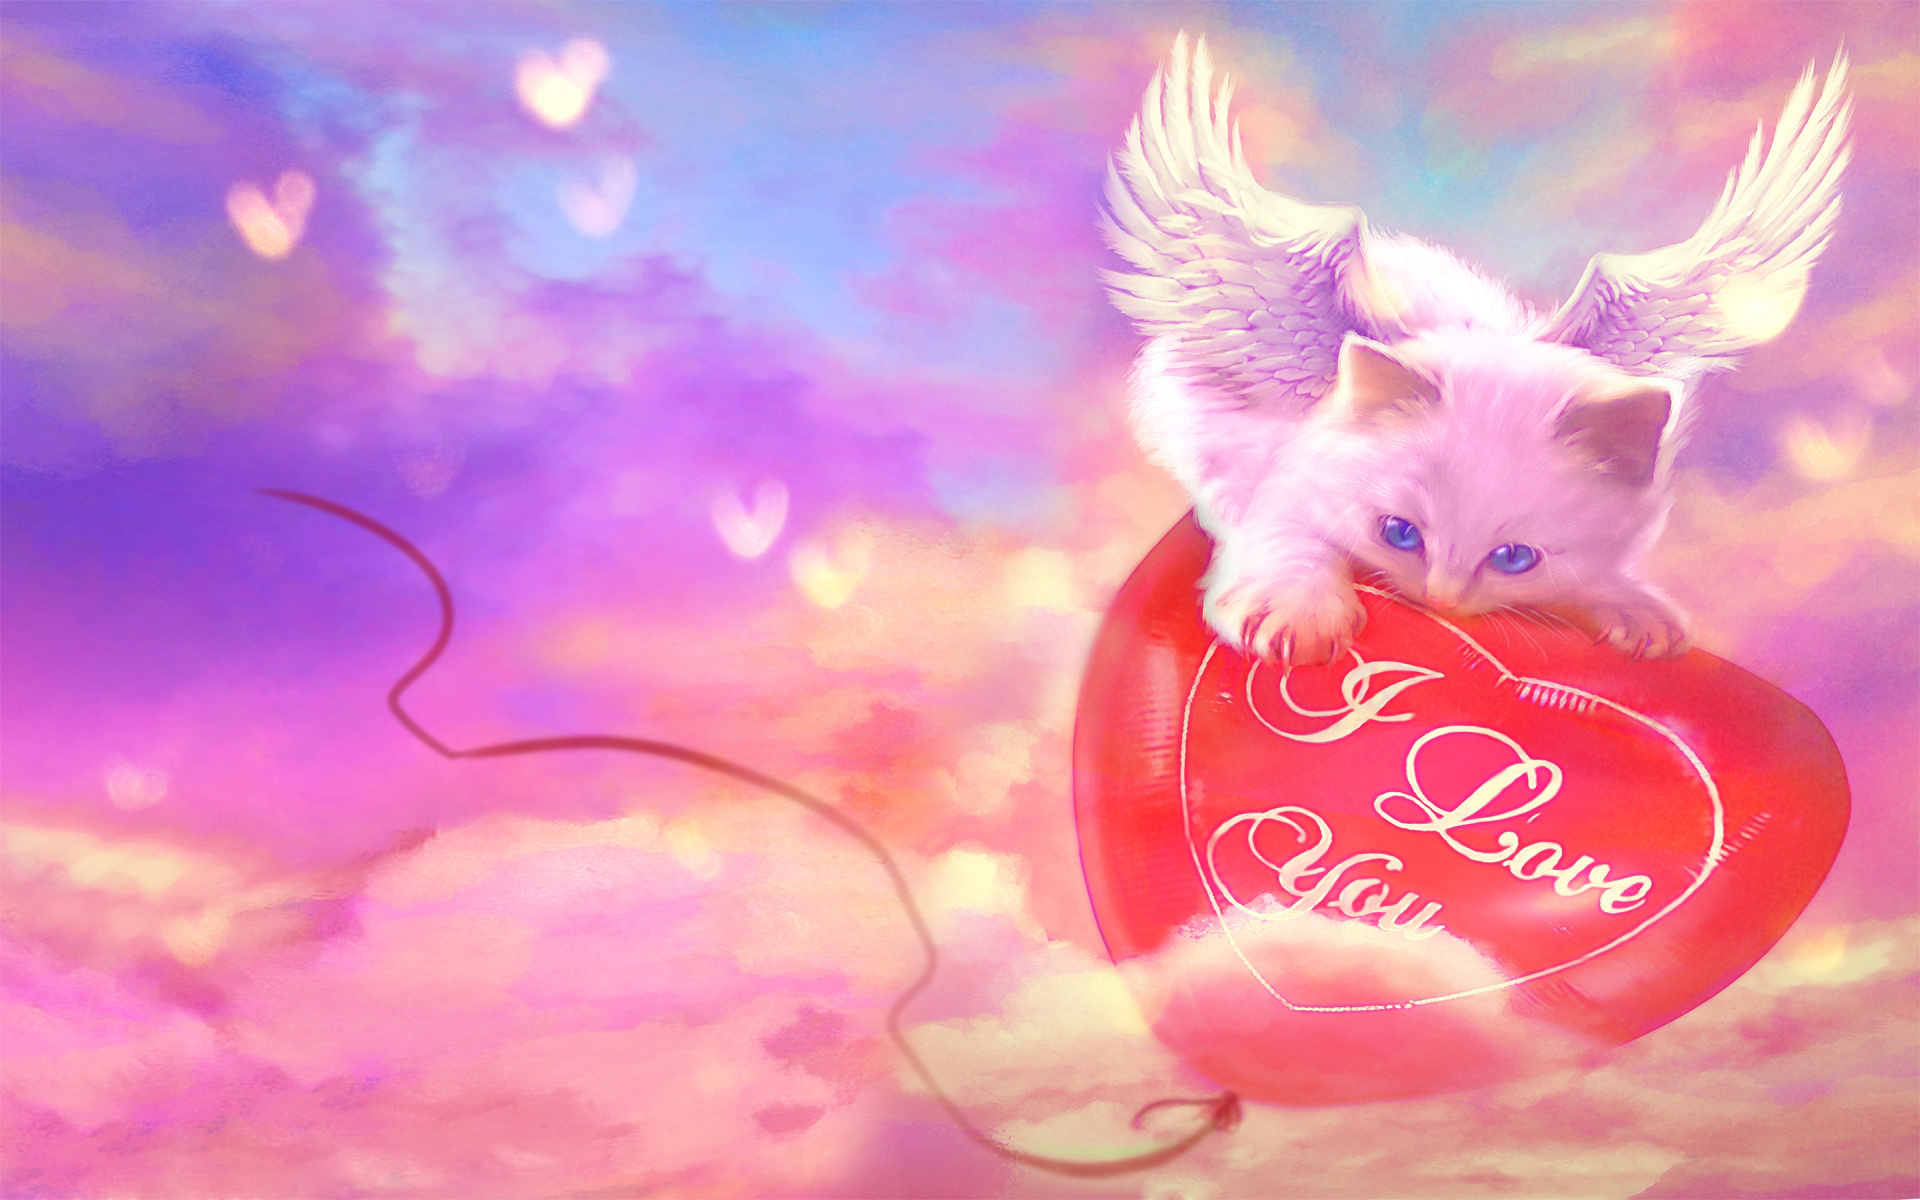 Открытка спасибо, красивые картинки котят с надписями